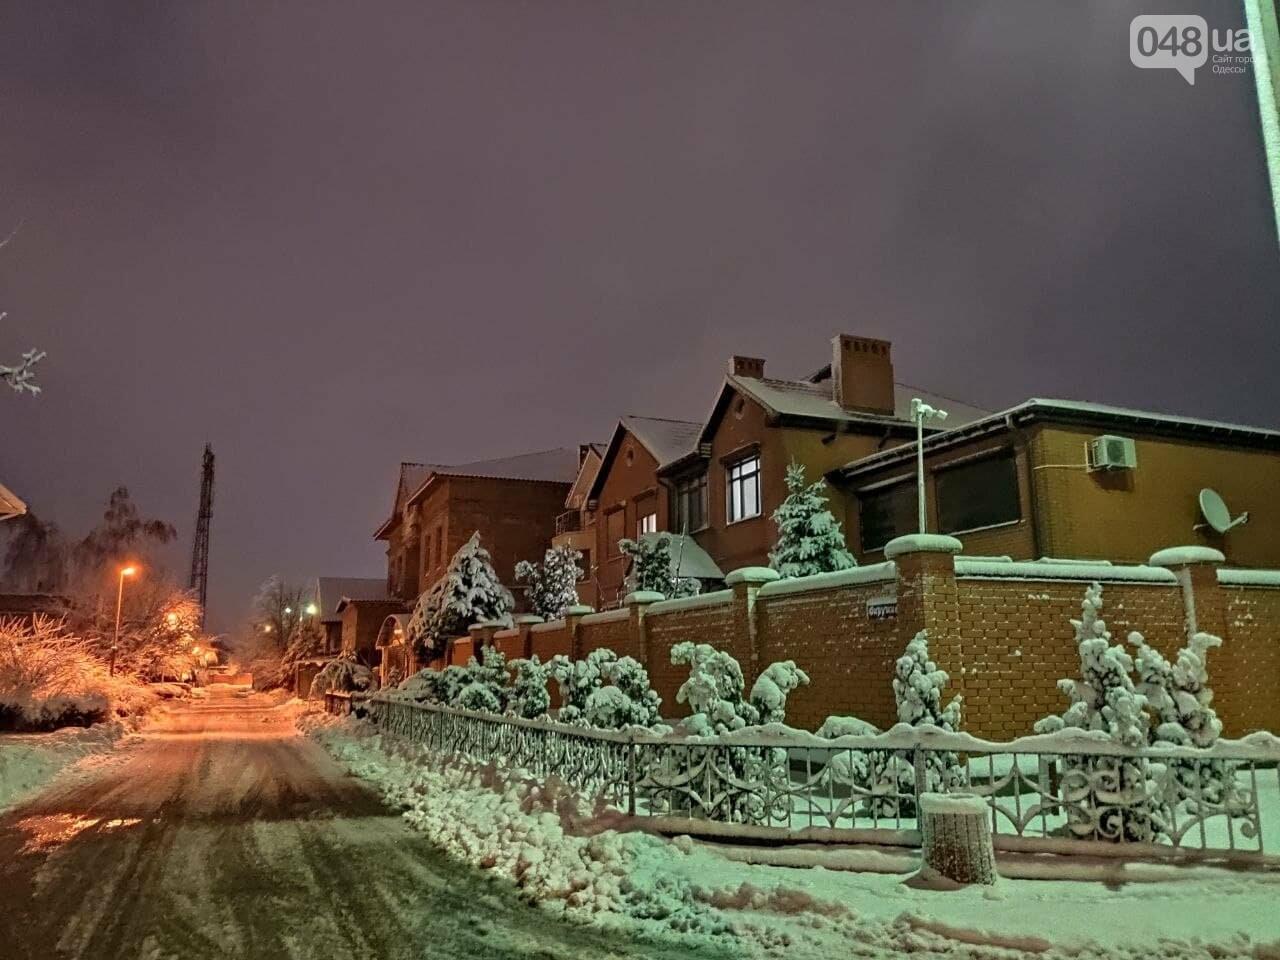 Зимняя сказка на одесской Рублевке: как выглядит Совиньон в снегу, - ФОТОРЕПОРТАЖ, фото-9